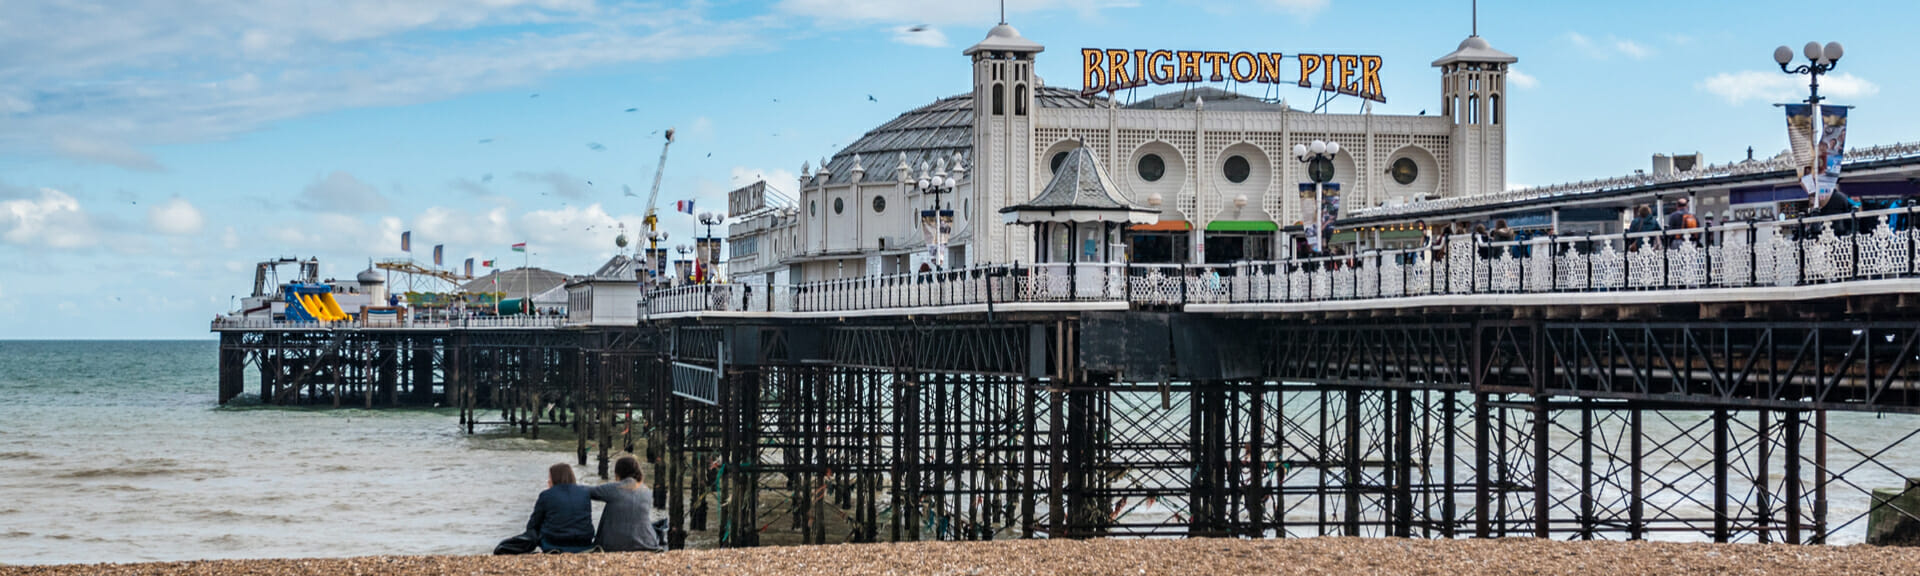 Klassenfahrt Brighton Pier